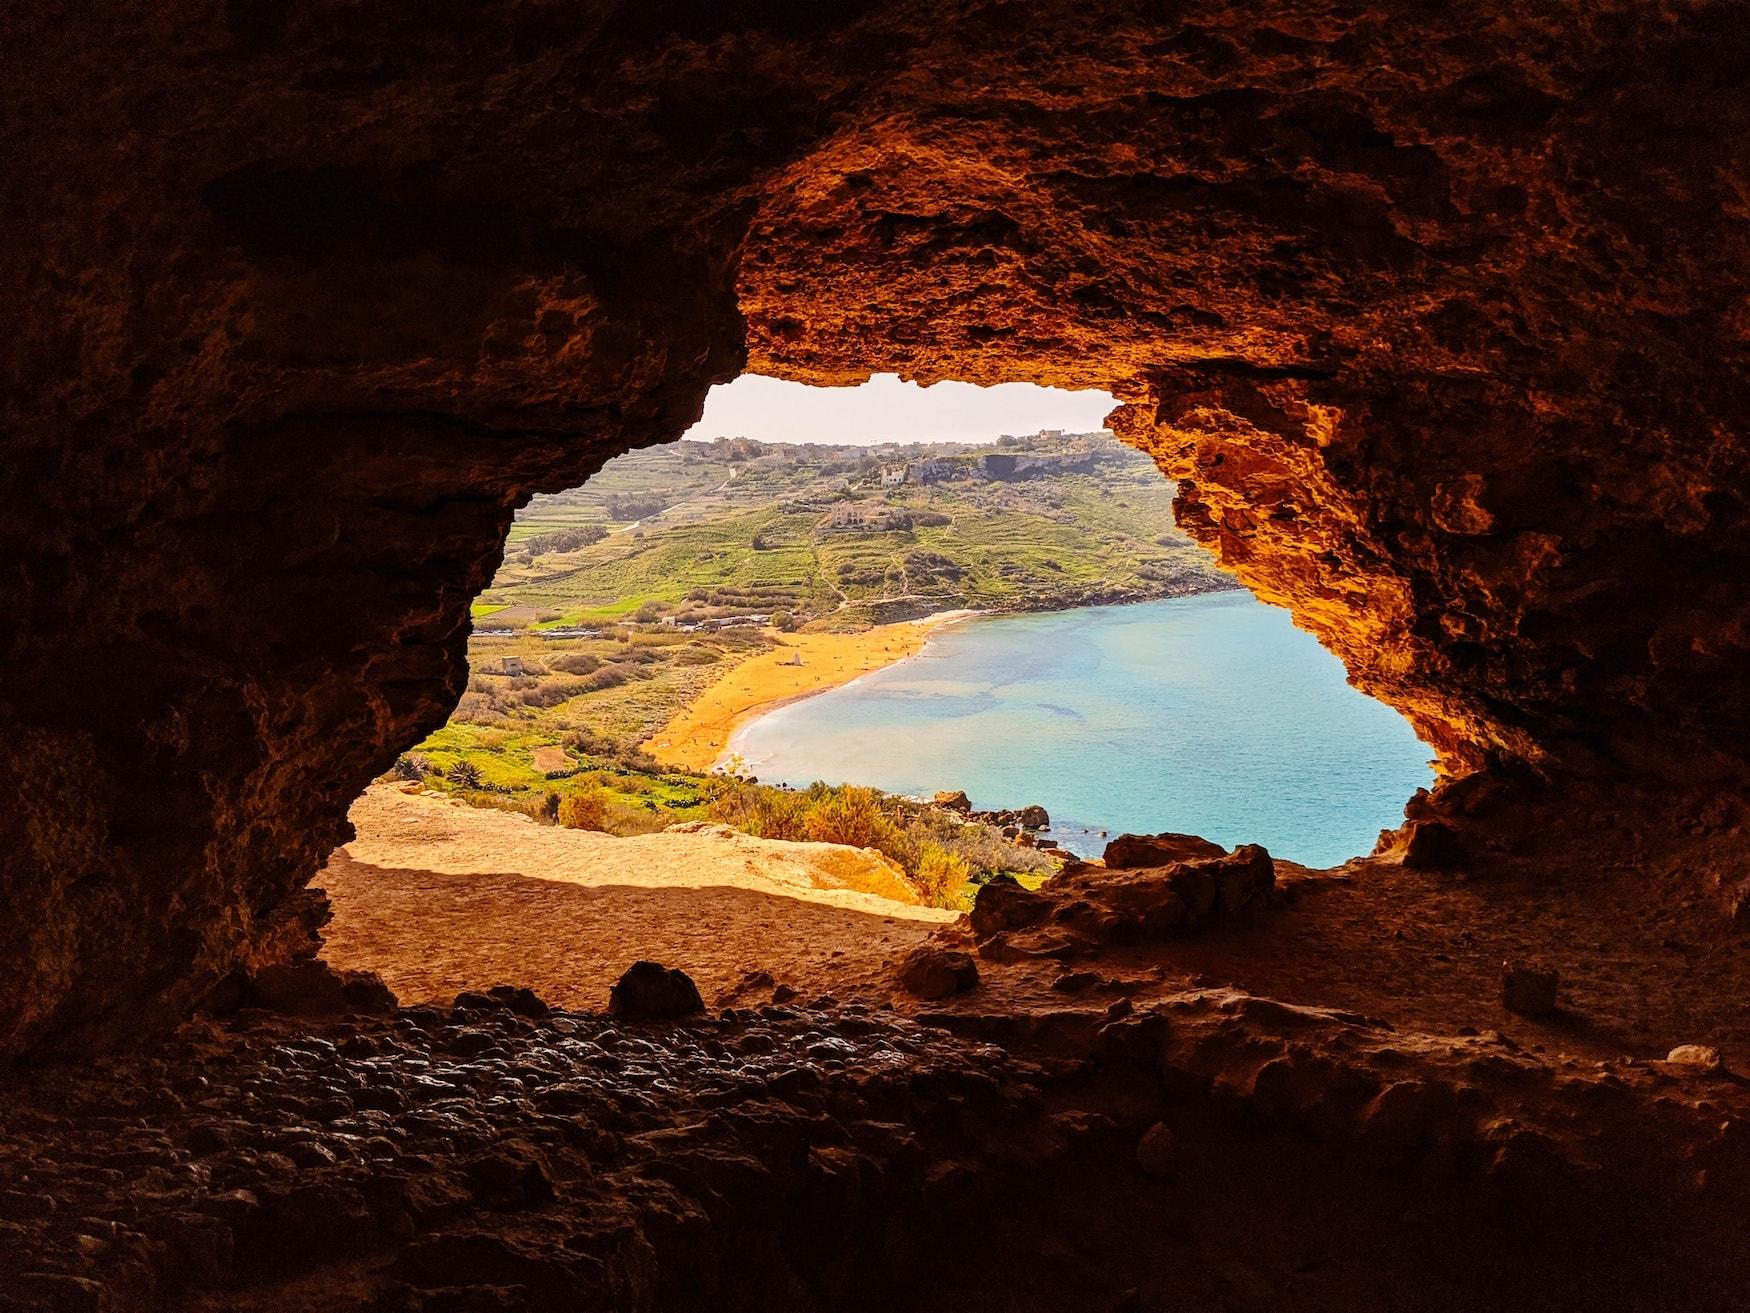 Höhle mit Blick auf eine Bucht von Gozo